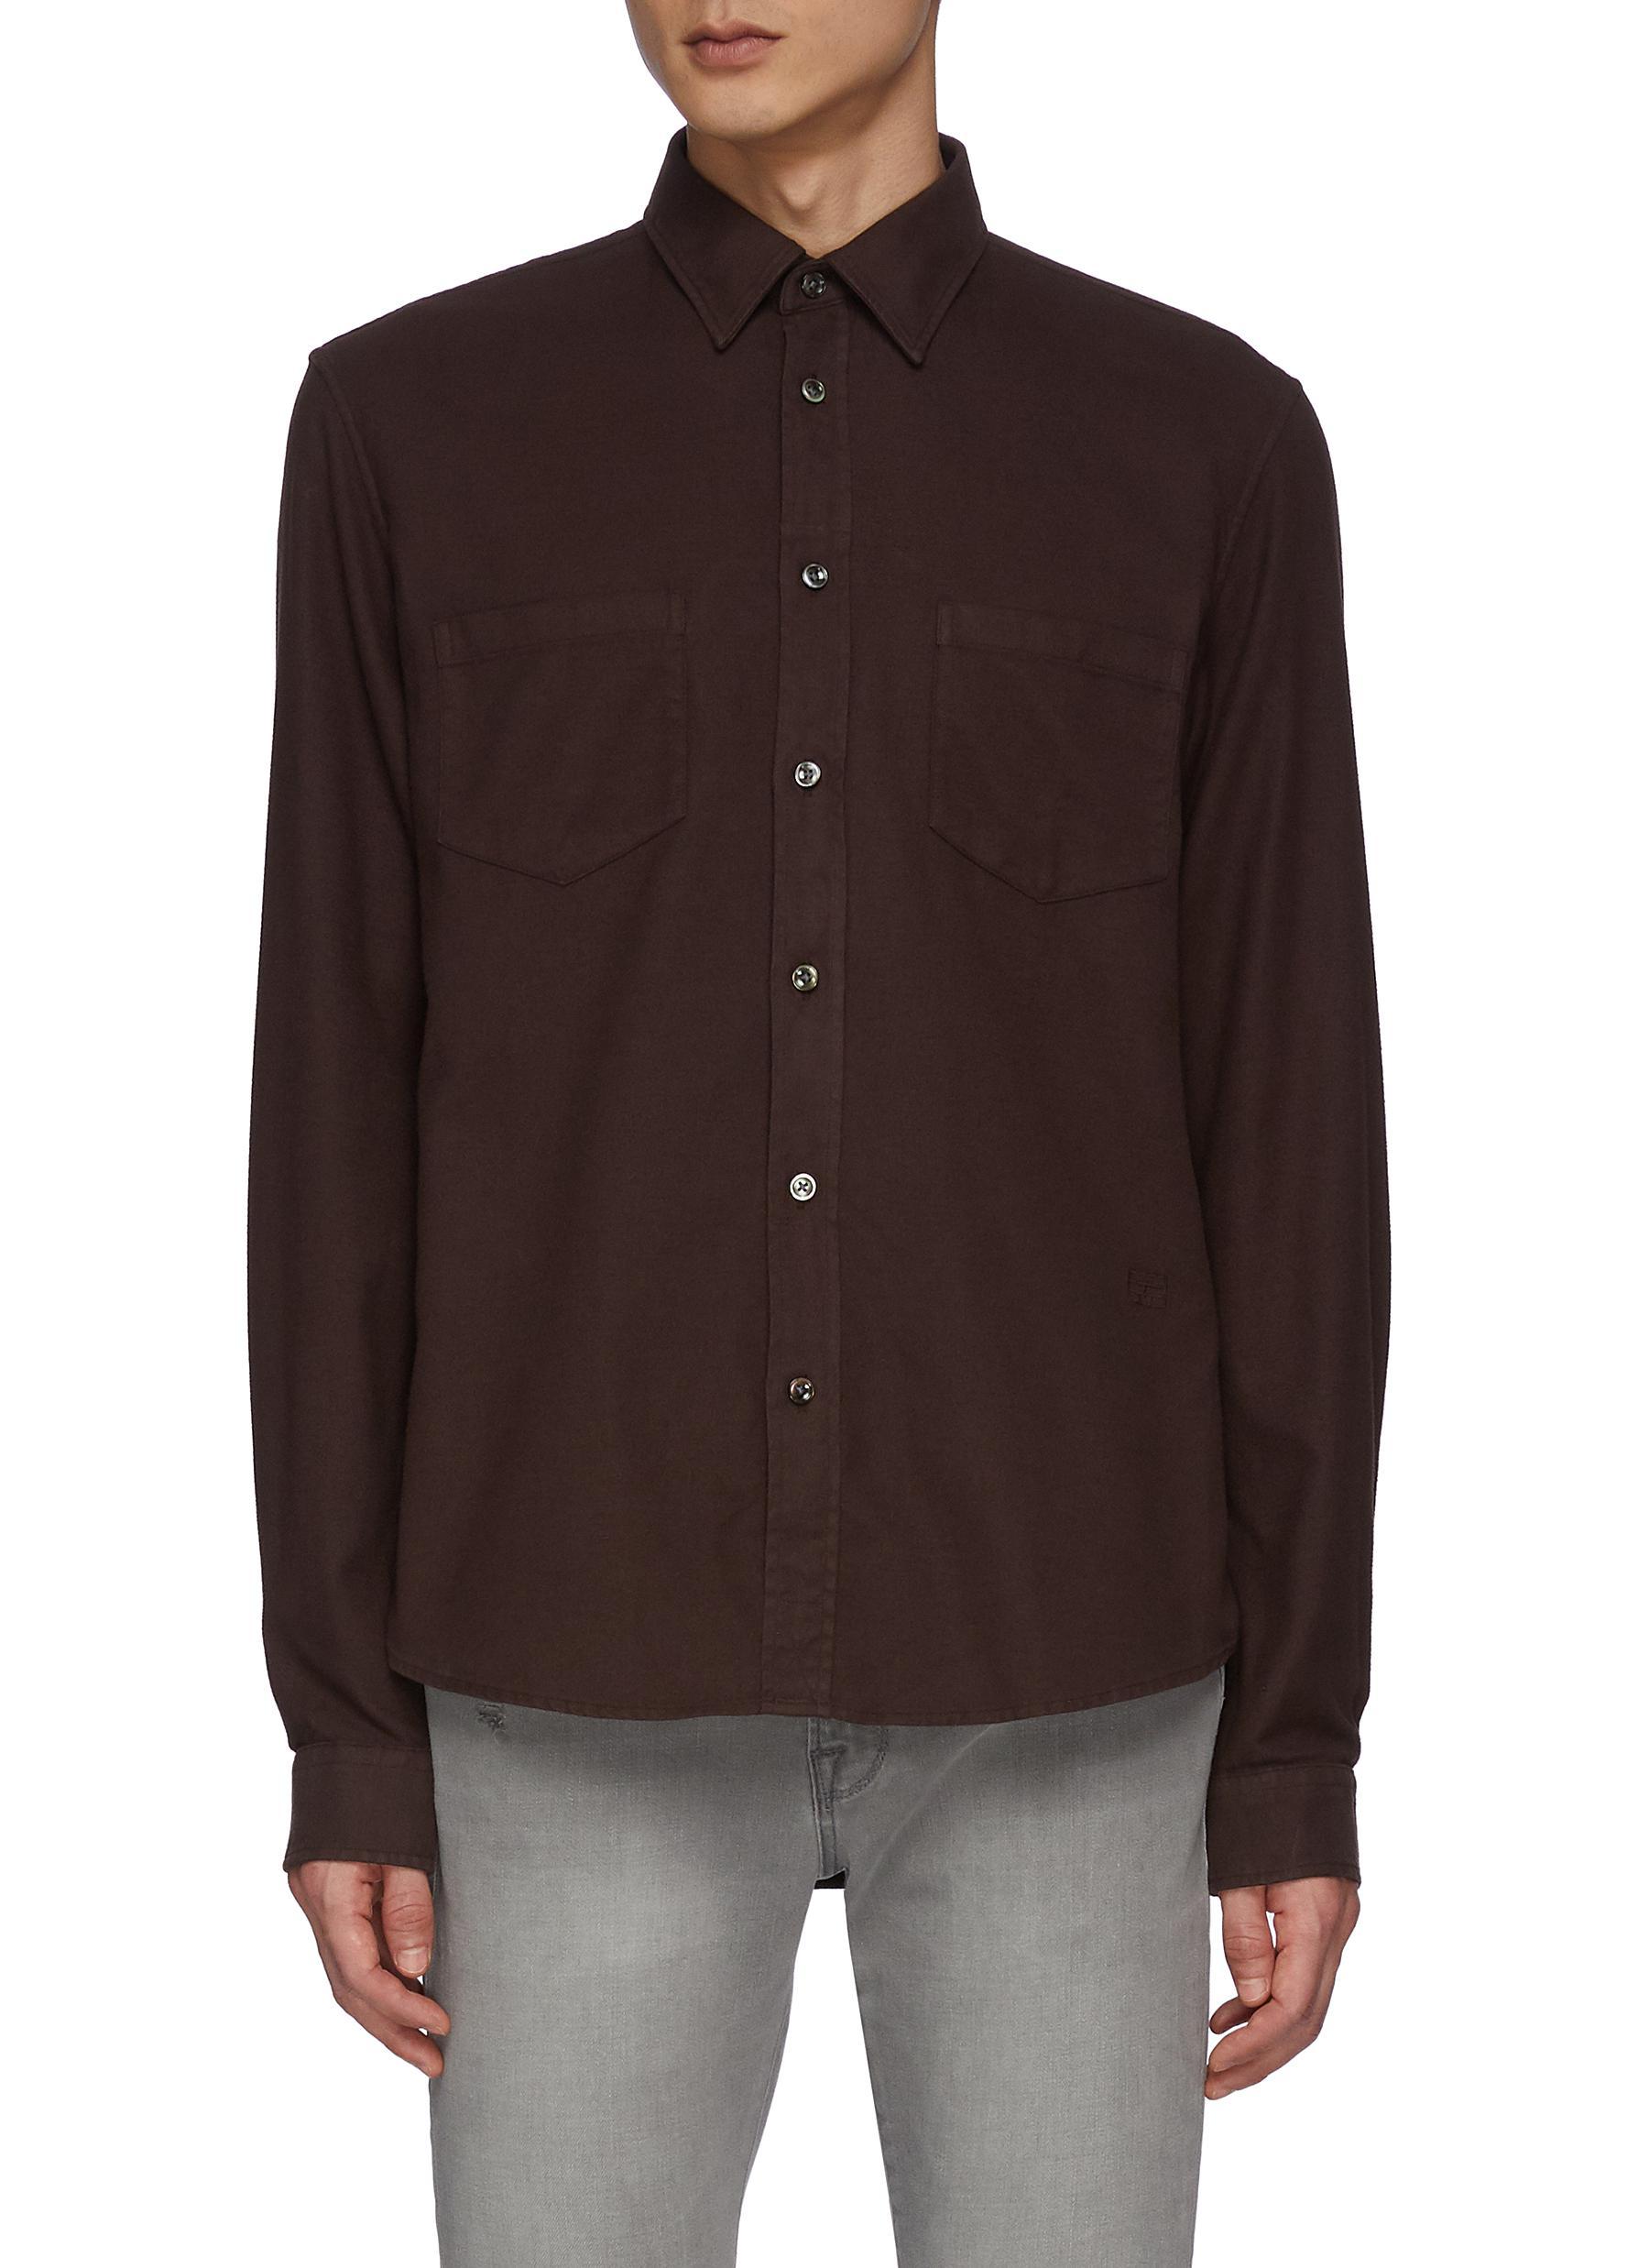 Double Pocket Cotton Blend Flannel Shirt